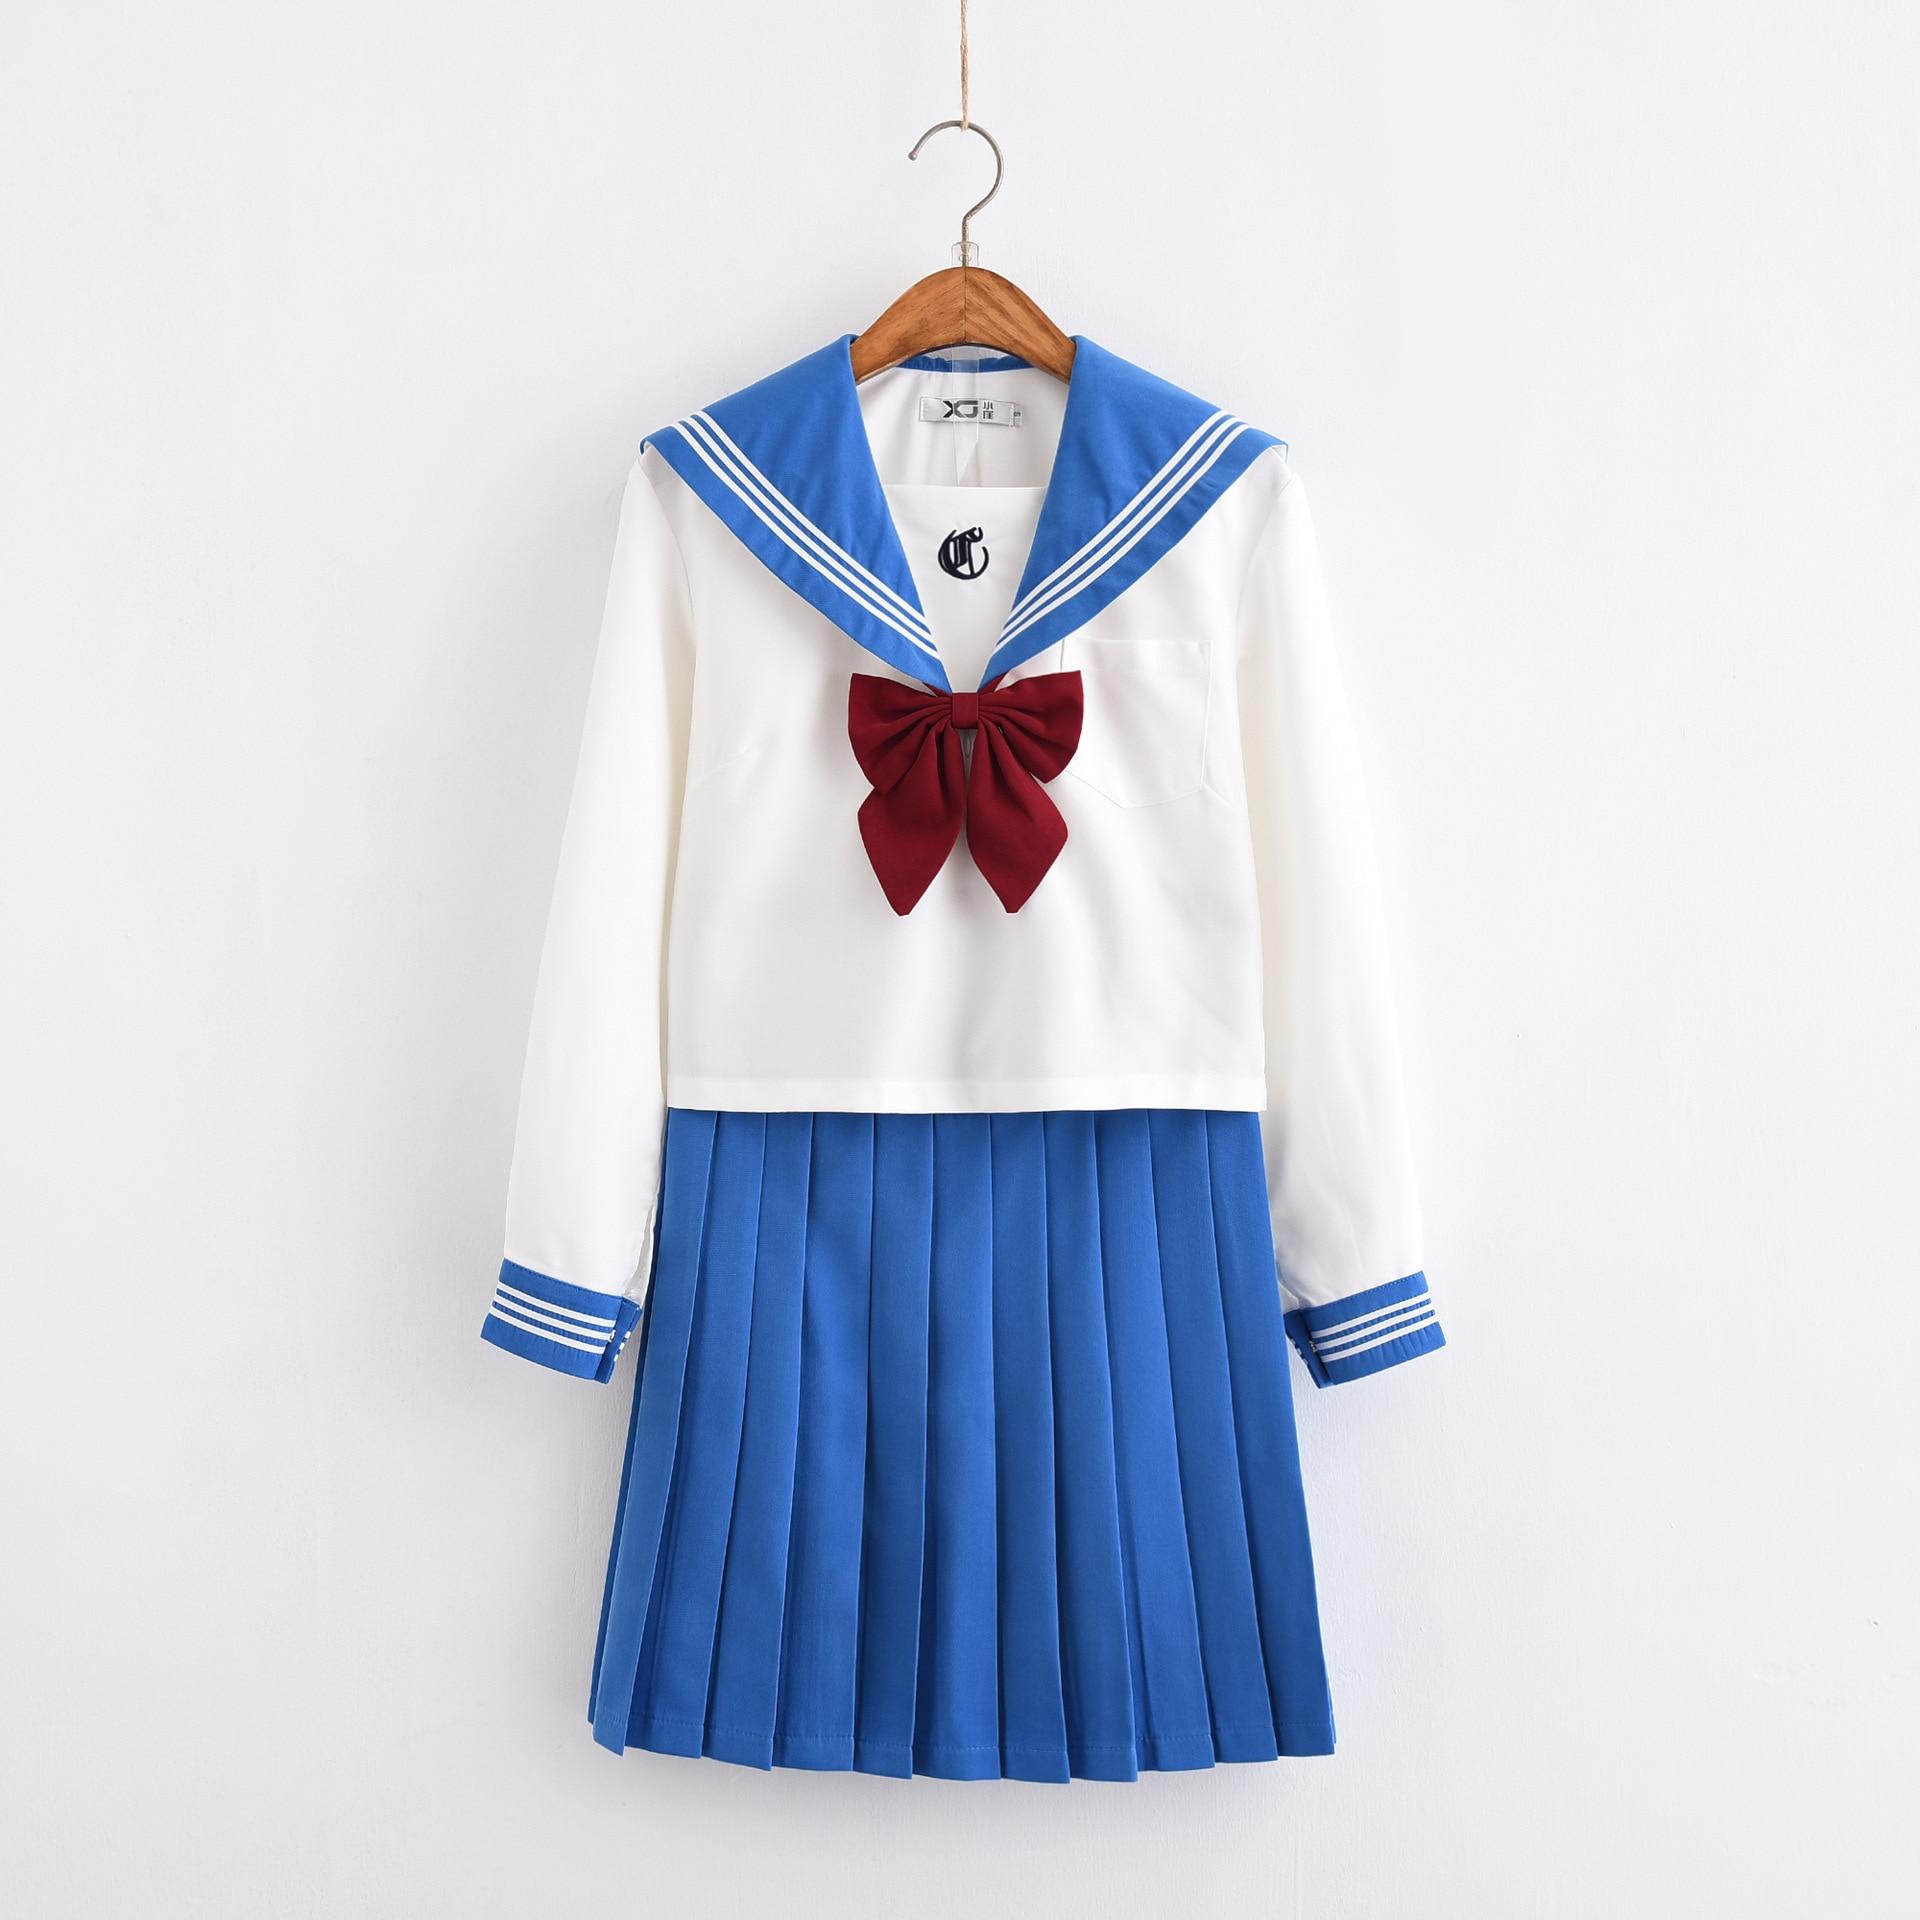 Nouveaux uniformes scolaires pour filles Jk uniforme à manches longues marinière chemise jupes costume classe étudiant collège lycée japonais-vêtements